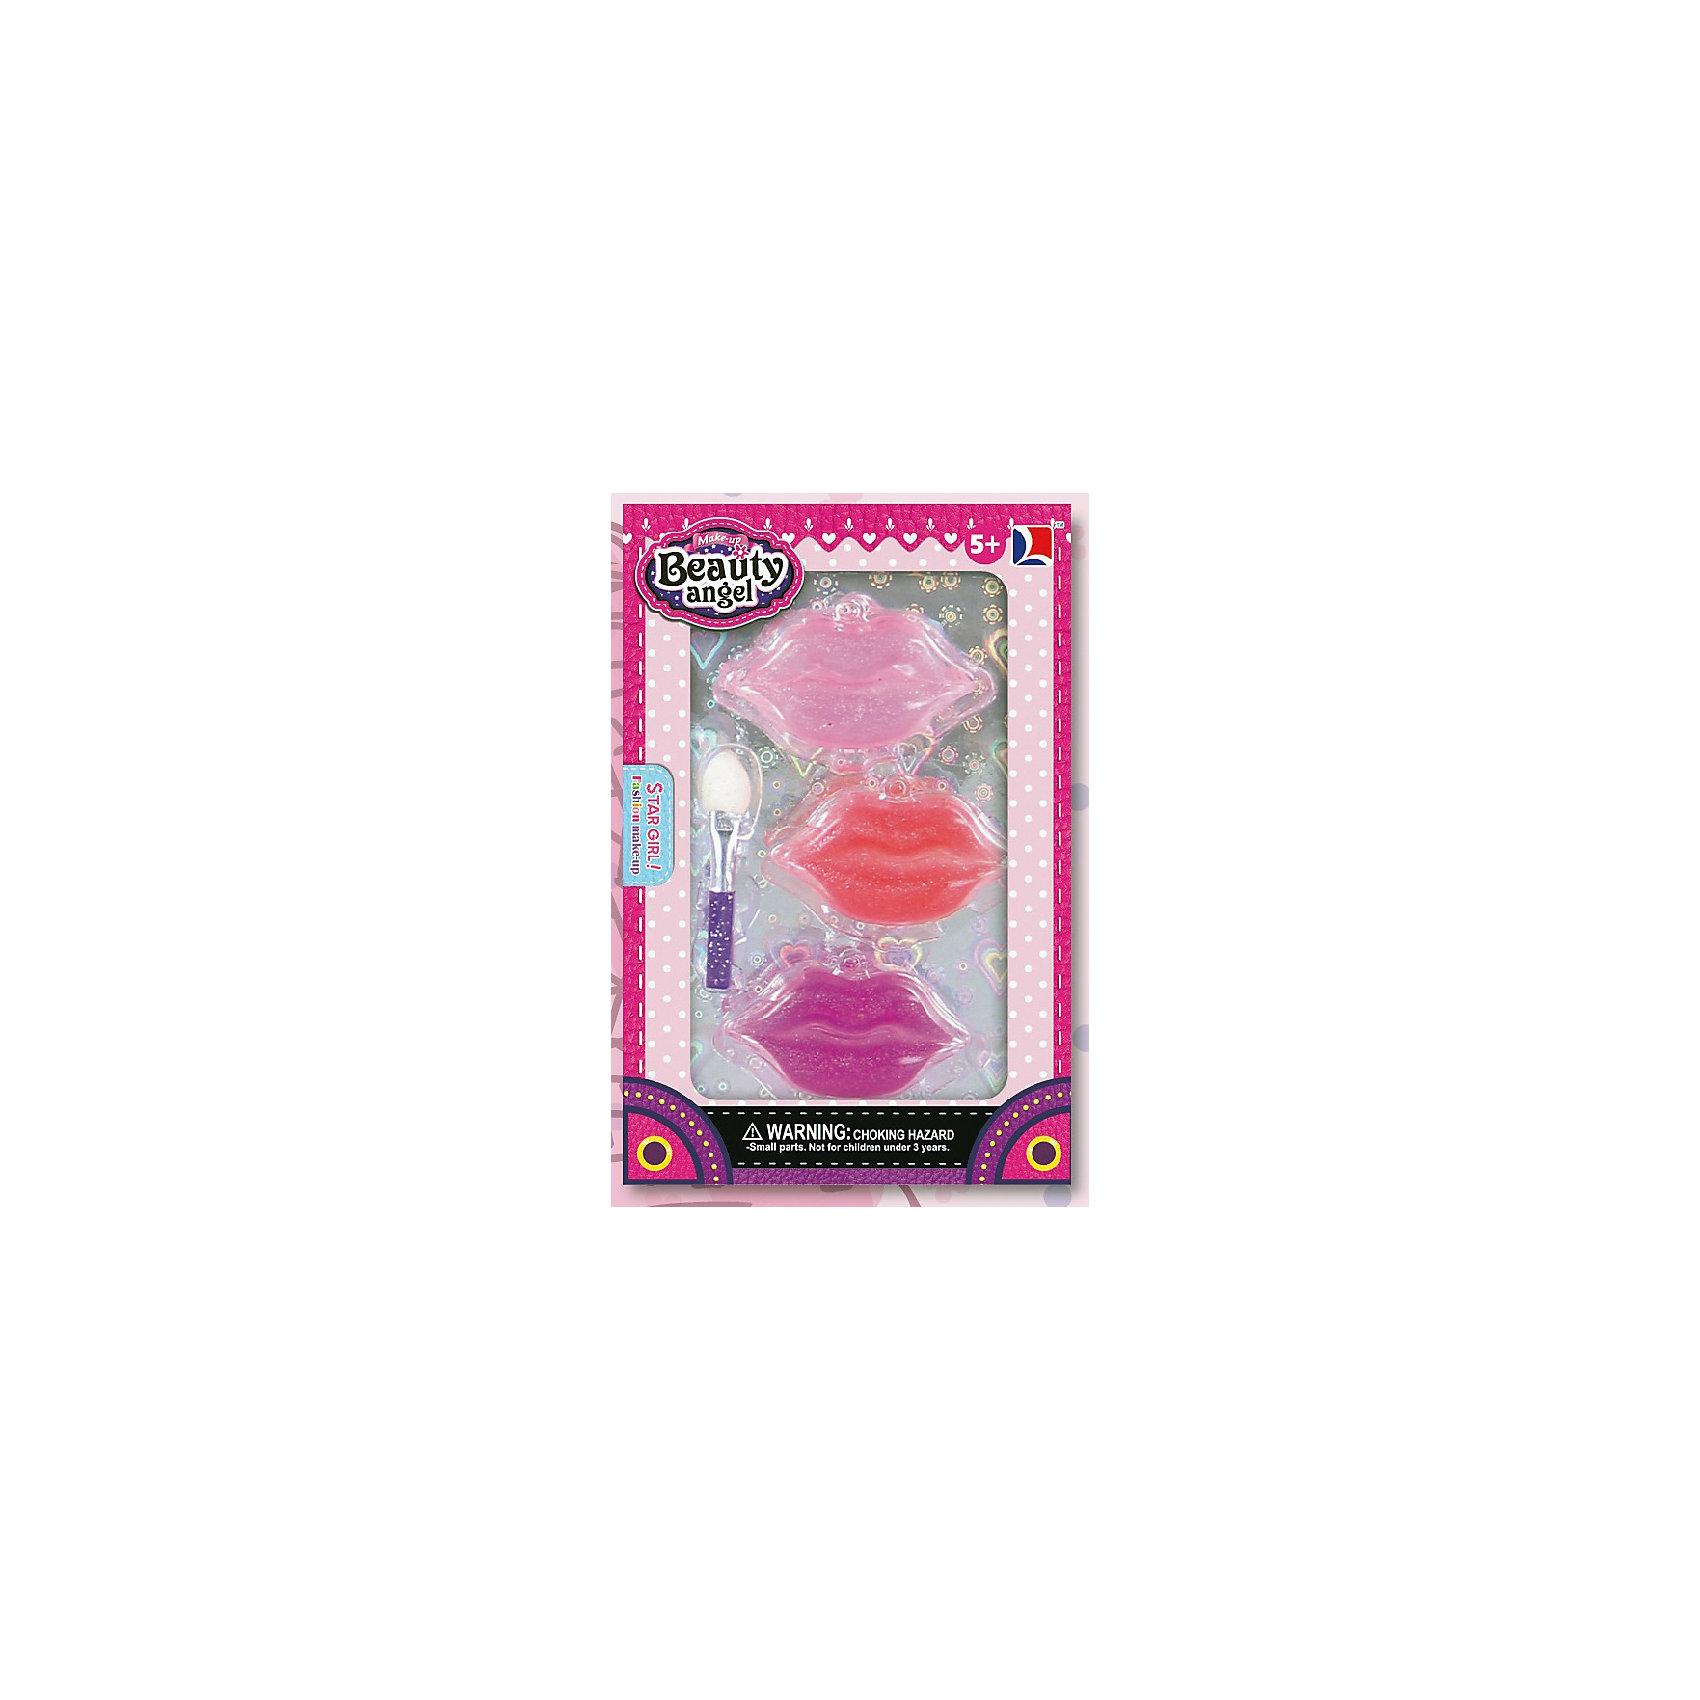 Игровой мини-набор Губы, Beauty AngelКосметика, грим и парфюмерия<br>Характеристики:<br><br>• Вид игрушек: детская косметика<br>• Пол: для девочки<br>• Материал: пластик, натуральные компоненты и красители<br>• Цвет: розовый, красный, фиолетовый<br>• Комплектация: <br> блеск для губ – 3 тона<br> кисточка – 1 шт.<br>• Форма футляра: губы<br>• Размер упаковки (Д*Ш*В): 8,1*2*12 см<br>• Вес: 38 г<br>• Упаковка: картонная коробка с блистером<br><br>Игровой мини-набор Губы, Beauty Angel от всемирно известного торгового бренда Dileny, который занимается разработкой, дизайном и выпуском детской декоративной косметики с учетом модных и стильных тенденций мира моды. Линейка наборов Beauty Angel представляет собой косметические наборы в состав которых входят как матовые, так и перламутровые оттенки, аксессуары и инструменты для нанесения макияжа. <br><br>Декоративная косметика от Dileny легко наносится, ложится ровным слоем, не осыпается и легко смывается либо теплой водой, либо детским косметическим маслом. Косметика обладает повышенными гипоаллергенными свойствами и легким ароматом. Игровой мини-набор Губы, Beauty Angel состоит из блеска для губ и кисточки. Футляр блеска для губ выполнен в форме губ.<br><br>Игровой мини-набор Губы, Beauty Angel станет идеальным подарком для девочки к любому празднику.<br><br>Игровой мини-набор Губы, Beauty Angel можно купить в нашем интернет-магазине.<br><br>Ширина мм: 81<br>Глубина мм: 20<br>Высота мм: 120<br>Вес г: 38<br>Возраст от месяцев: 60<br>Возраст до месяцев: 120<br>Пол: Женский<br>Возраст: Детский<br>SKU: 5418968